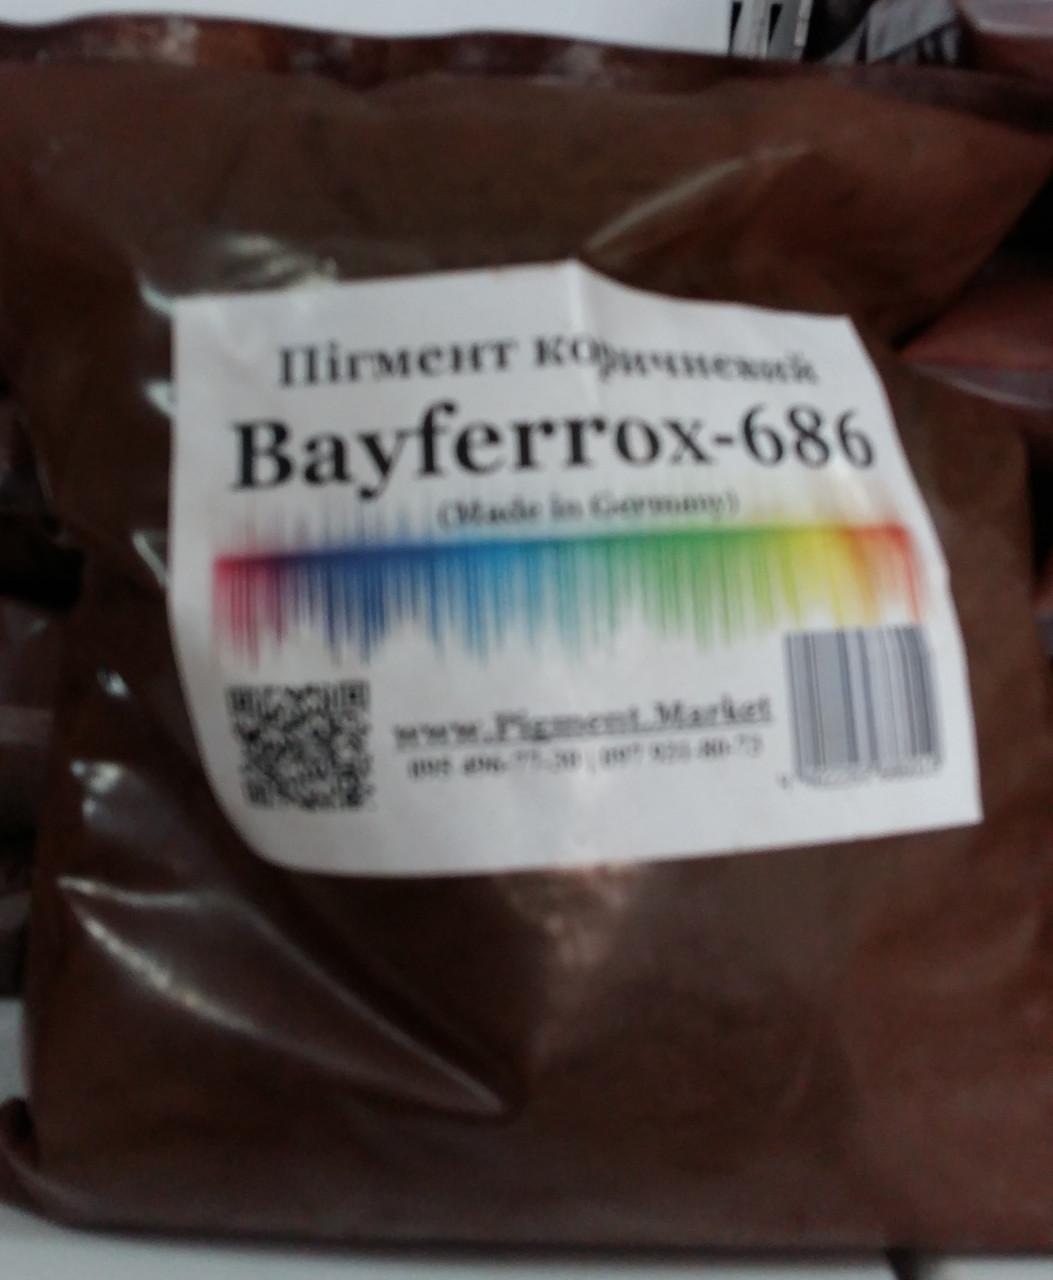 MultiChem. Коричневий Bayferrox-686, 1 кг. Краситель железоокисный для бетона и тротуарной плитки. - MultiChem в Черновцах